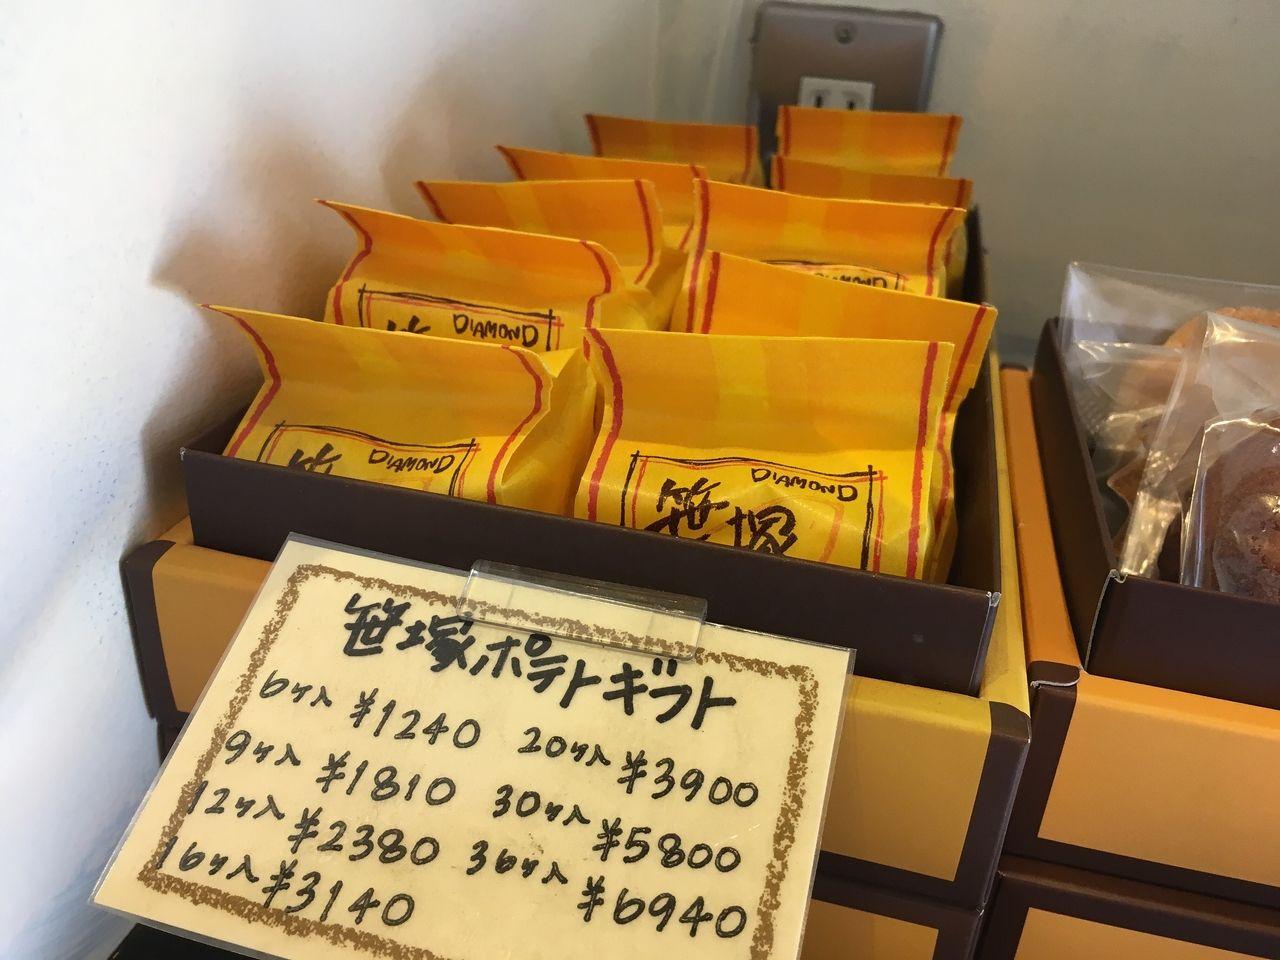 優しい味が魅力♪「笹塚ぽてと」を手土産にしよう